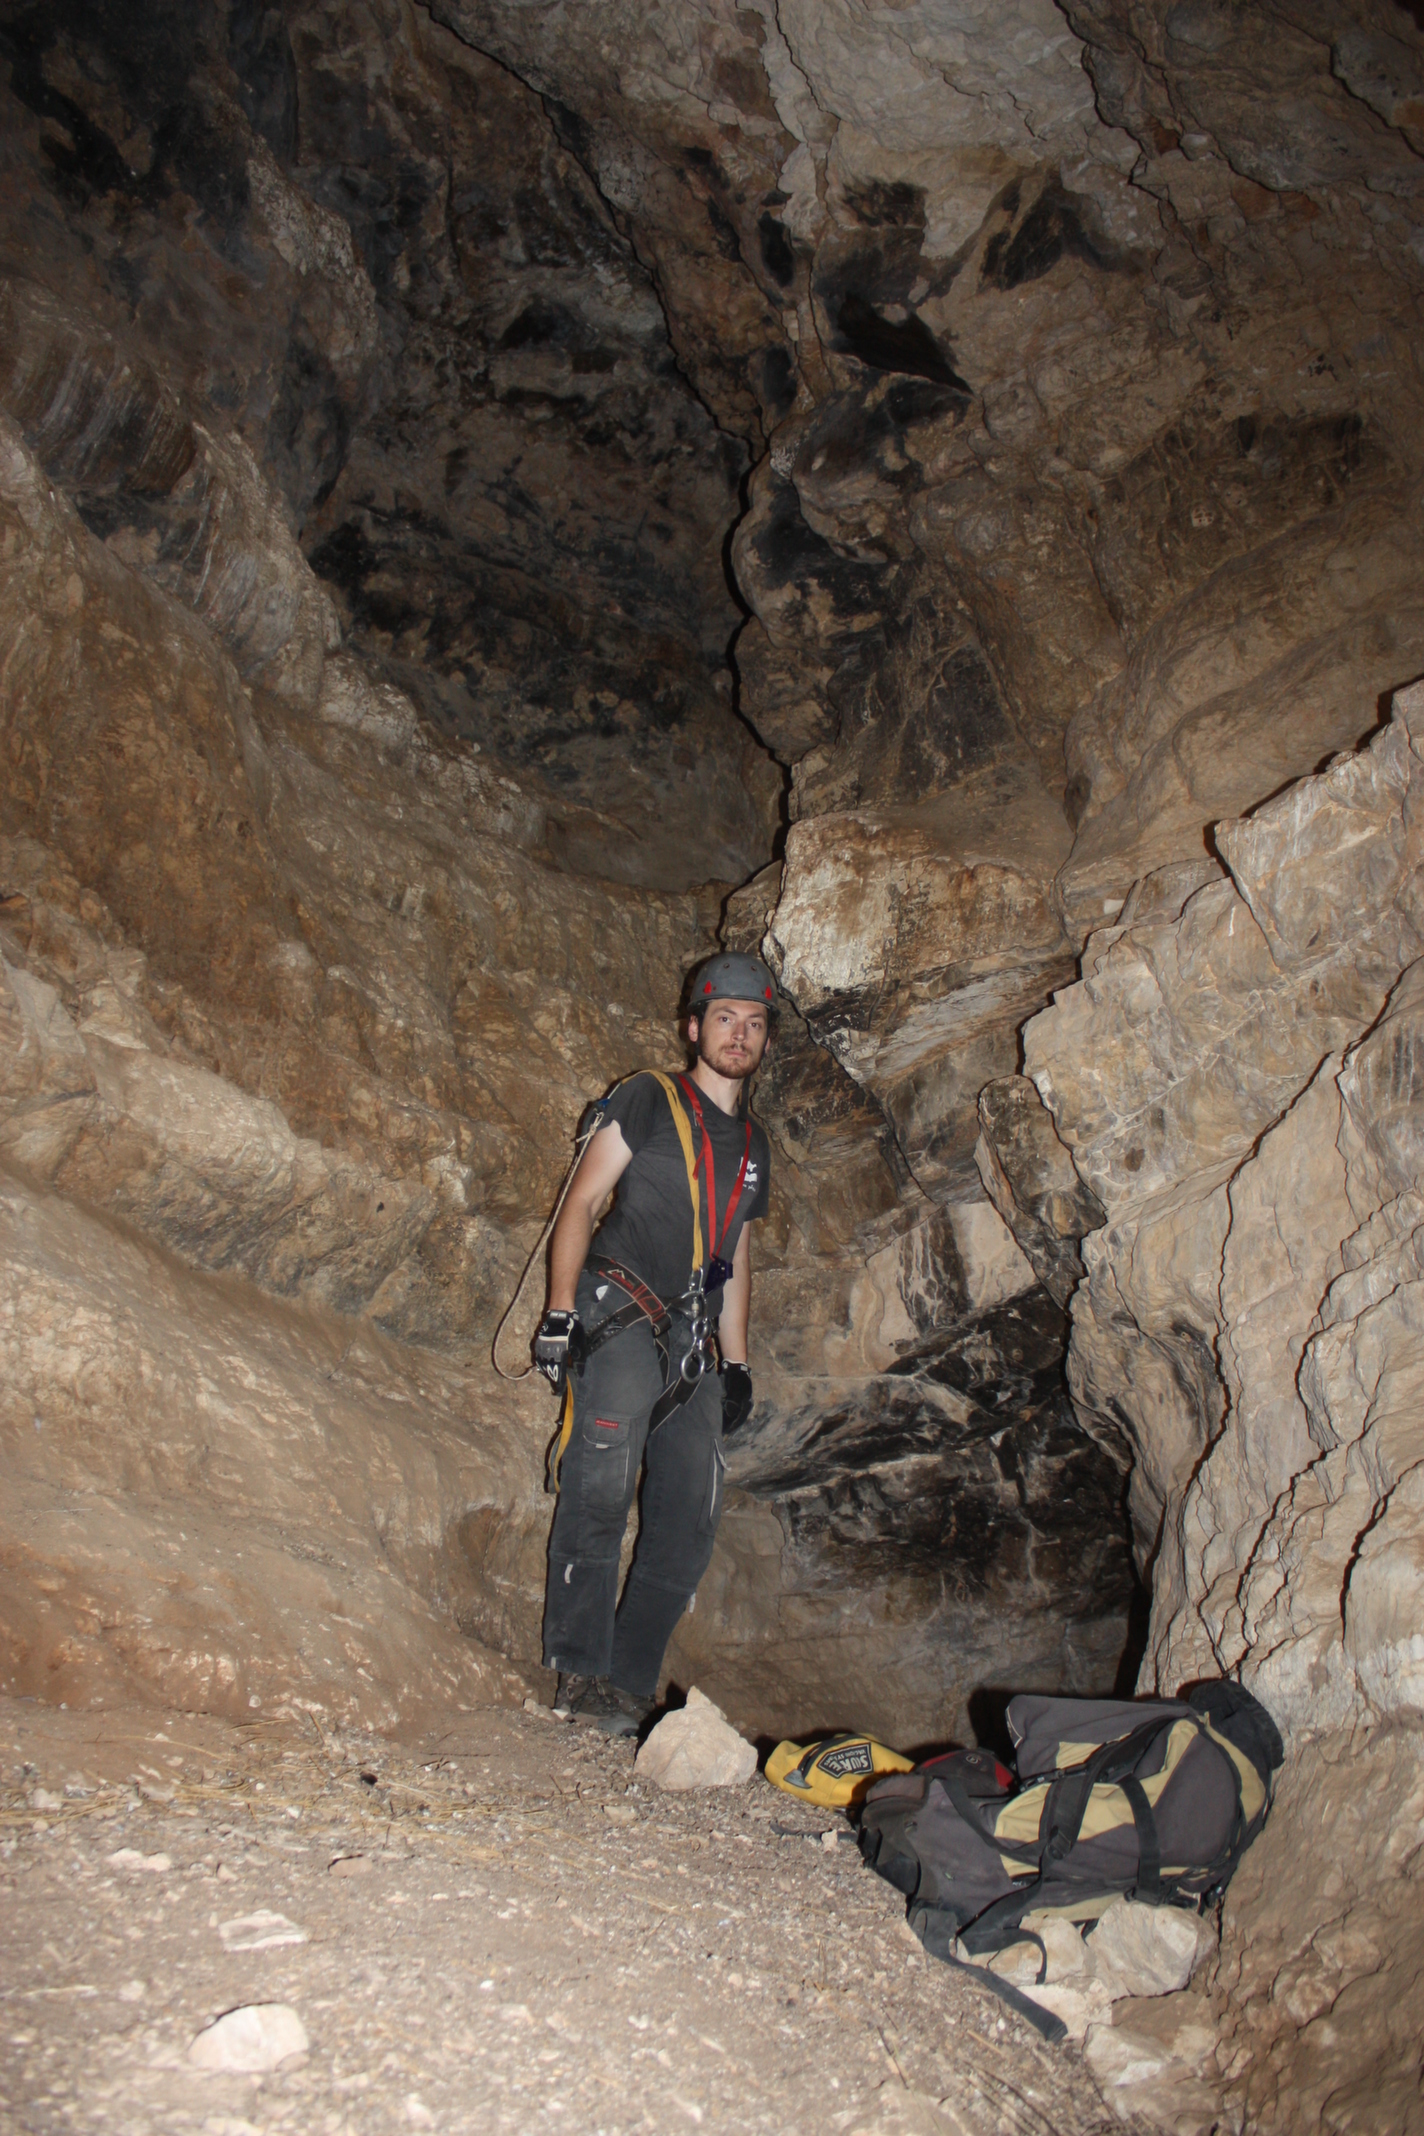 קצה מחילת המערה